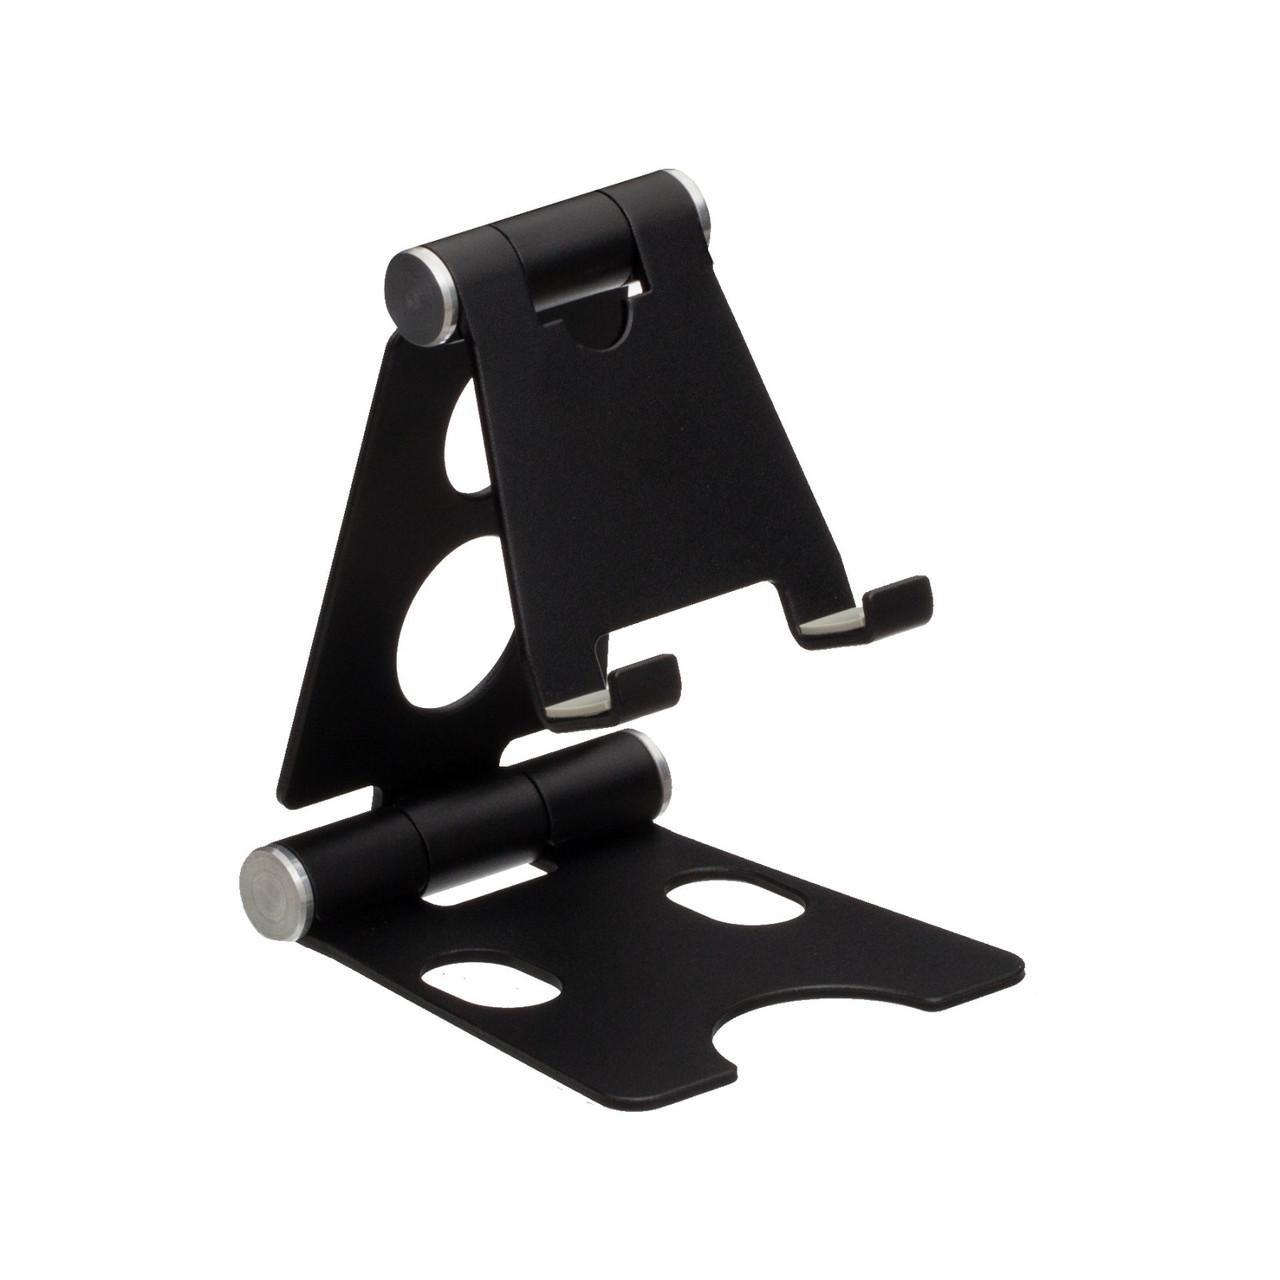 Подставка настольная для смартфона Platform Modsle Phone Bracket Black